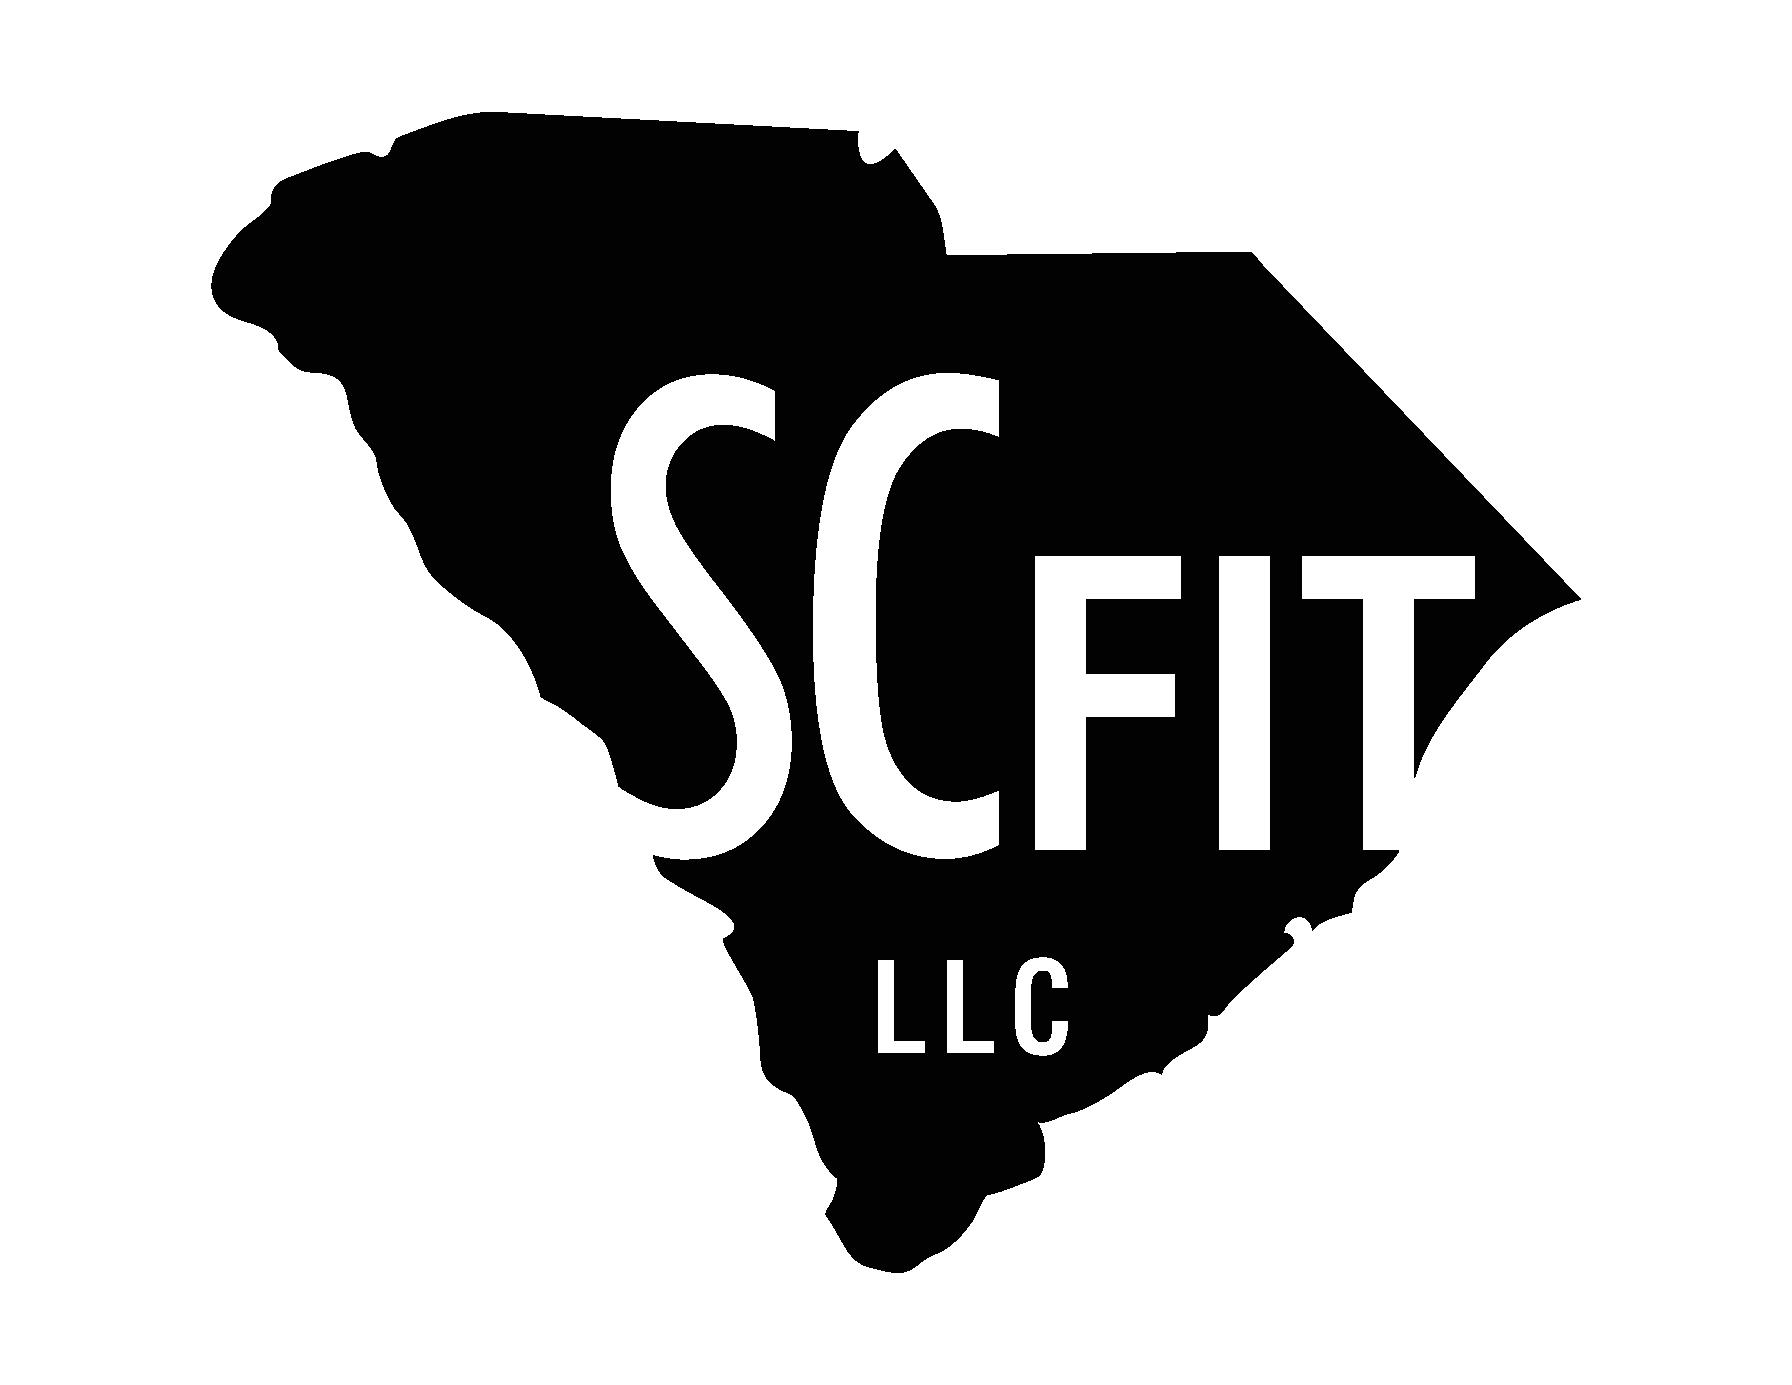 scfit-logo